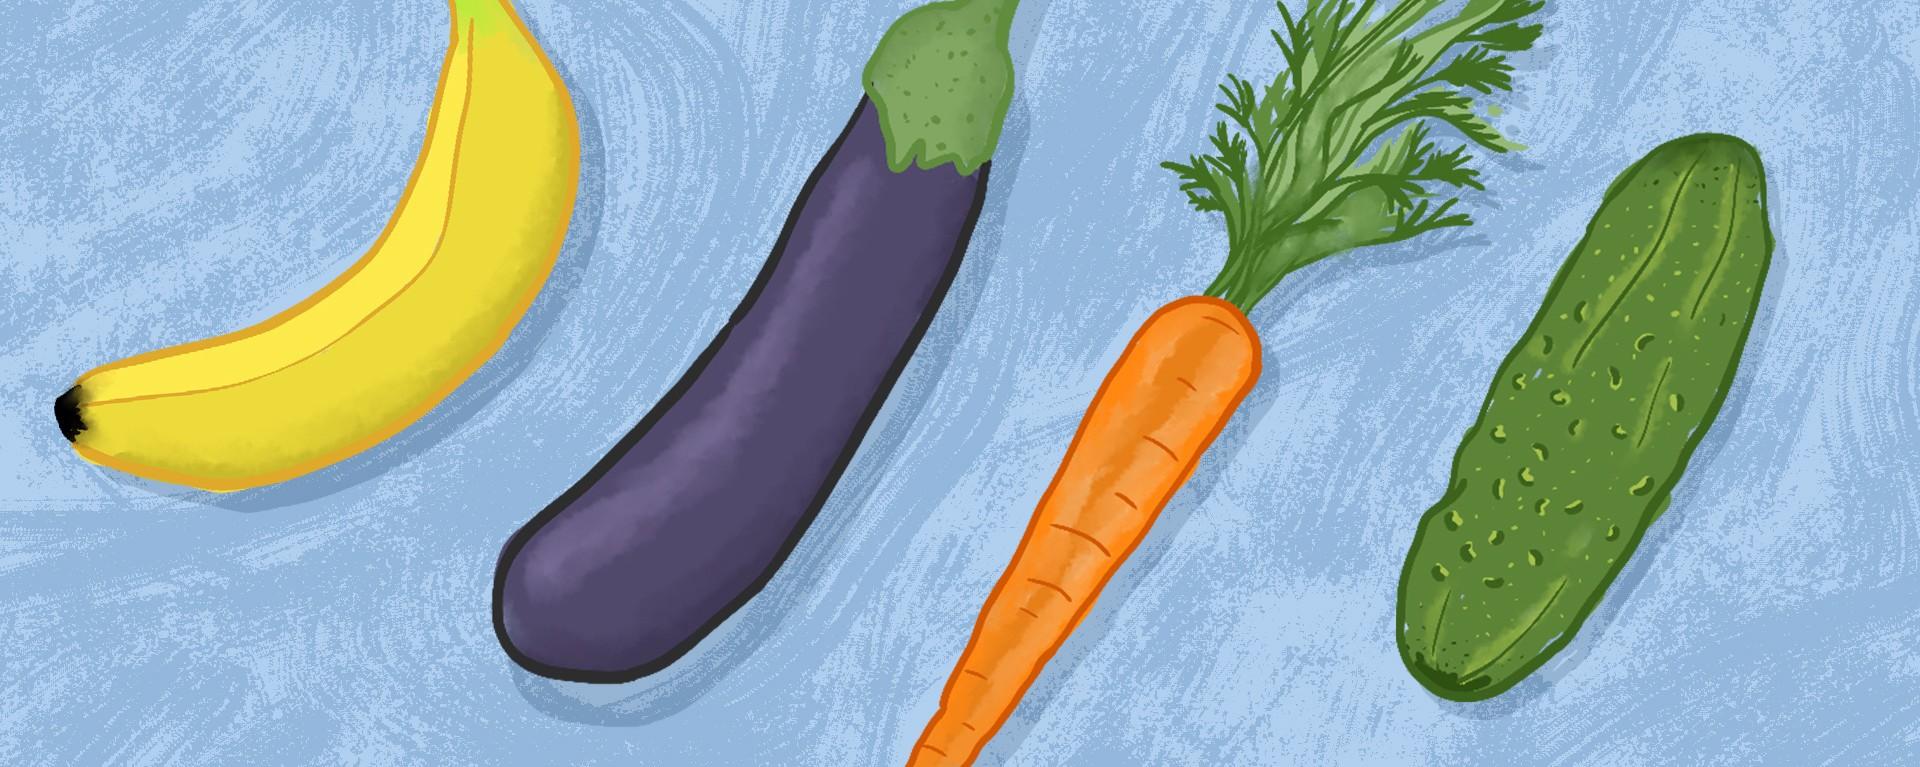 Cele mai ciudate fructe și legume. Zici că nici nu sunt reale | FOTO